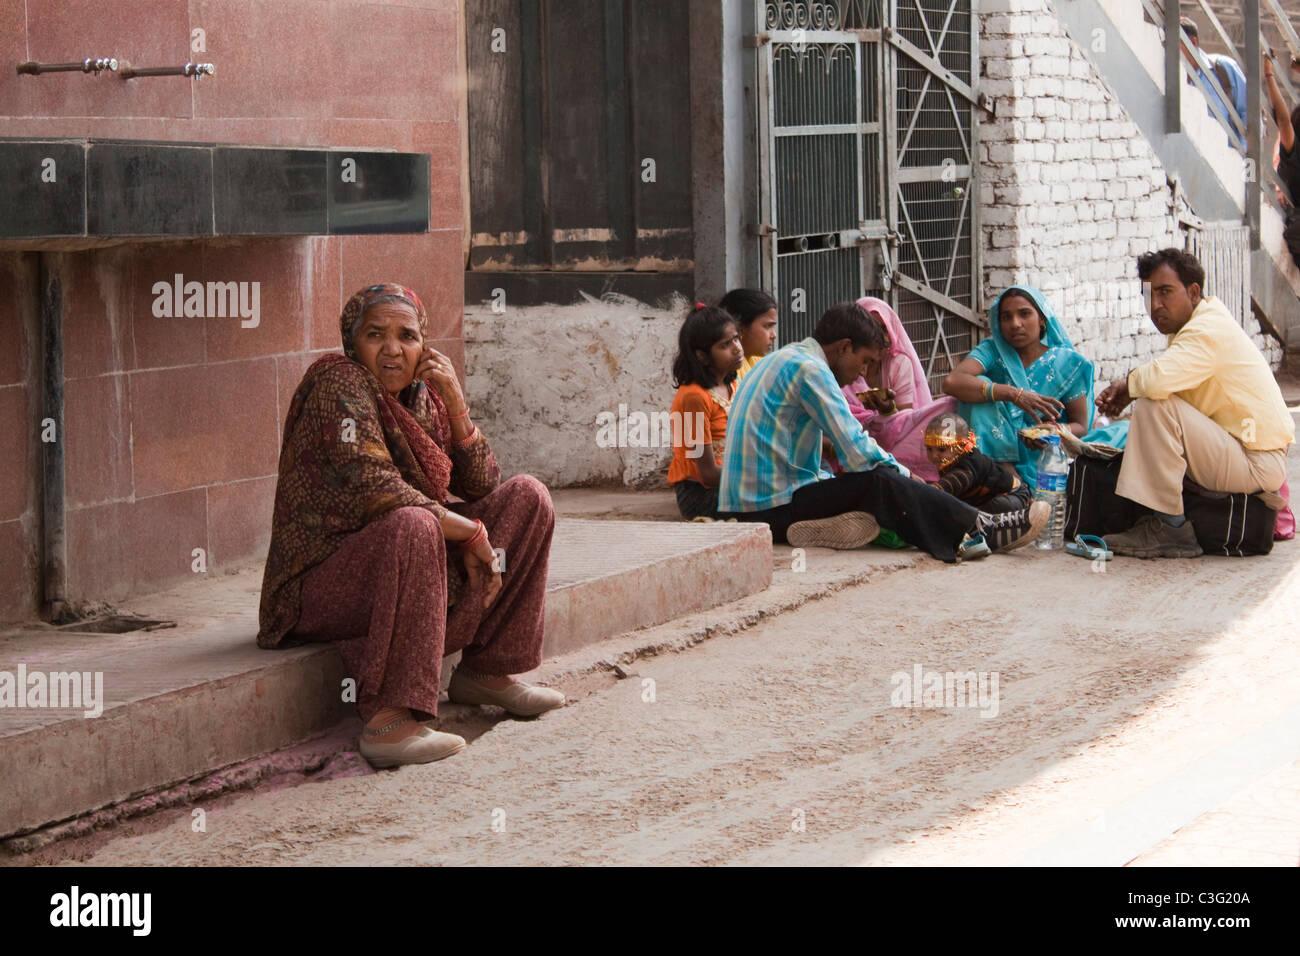 Passengers waiting at a railway station, Ahmedabad, Gujarat, India - Stock Image